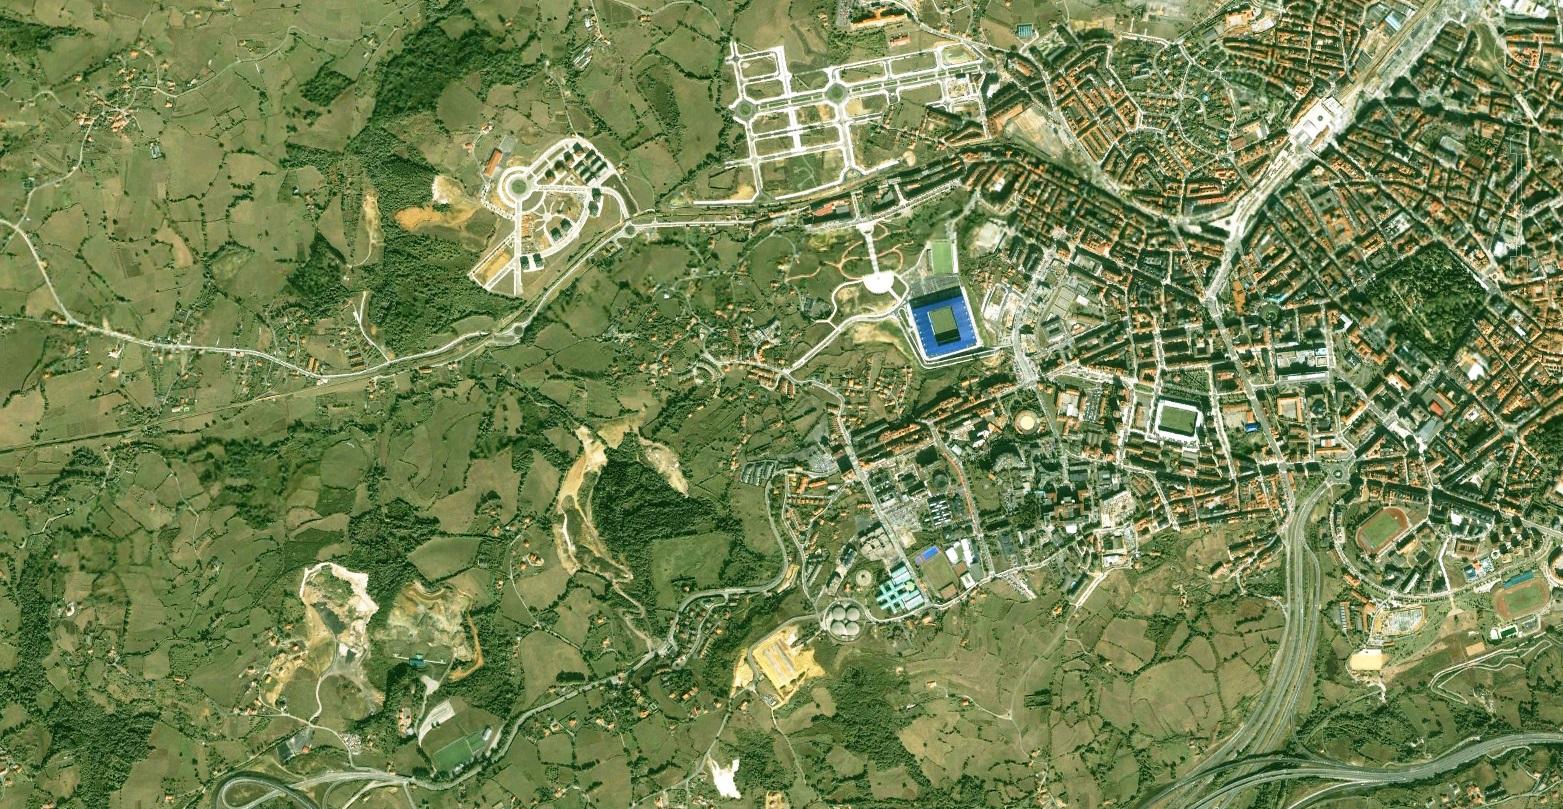 antes, urbanismo, foto aérea, desastre, urbanístico, planeamiento, urbano, construcción,Oviedo, Asturias, Uvieu, Asturies, Paniceres